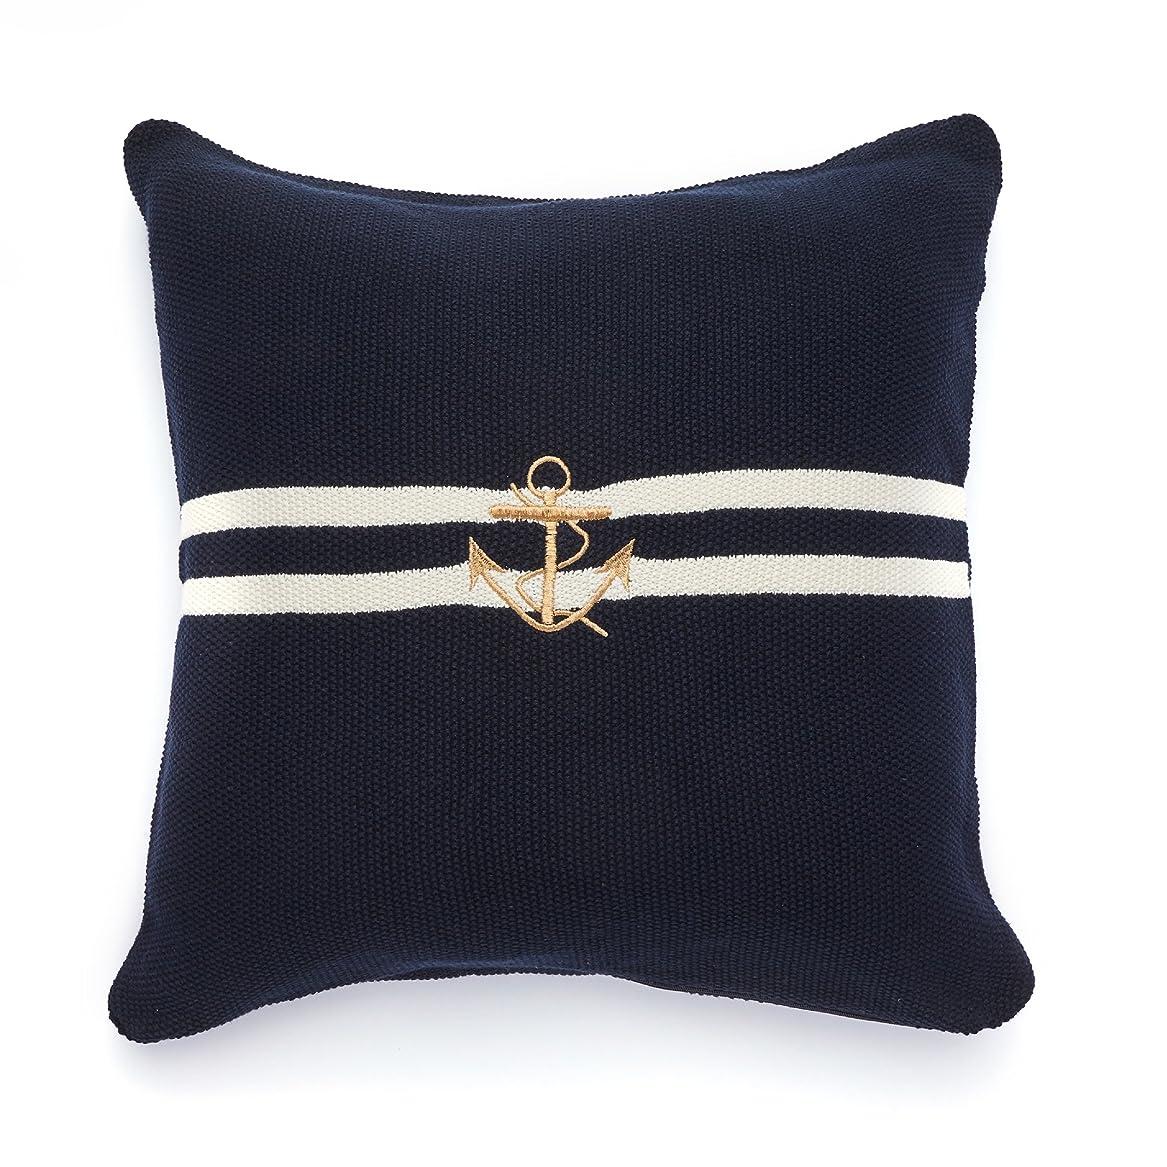 ばかげた症状複製New Havenピュアコットンニット枕、Ahoy Captain 。